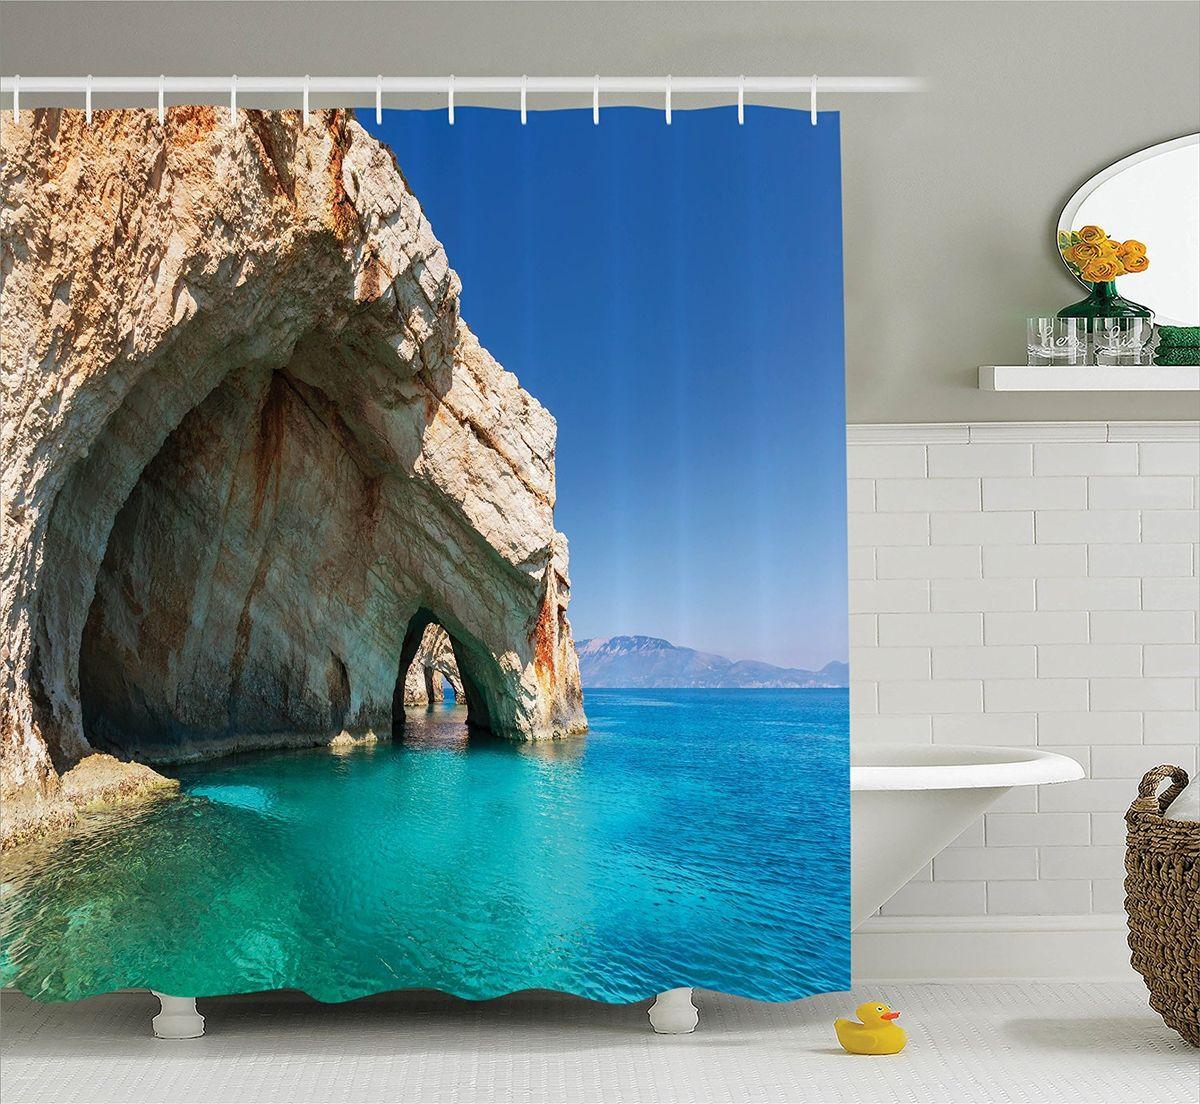 Штора для ванной комнаты Magic Lady Морская пещера, 180 х 200 смшв_10902Штора Magic Lady Морская пещера, изготовленная из высококачественного сатена (полиэстер 100%), отлично дополнит любой интерьер ванной комнаты. При изготовлении используются специальные гипоаллергенные чернила для прямой печати по ткани, безопасные для человека.В комплекте: 1 штора, 12 крючков. Обращаем ваше внимание, фактический цвет изделия может незначительно отличаться от представленного на фото.